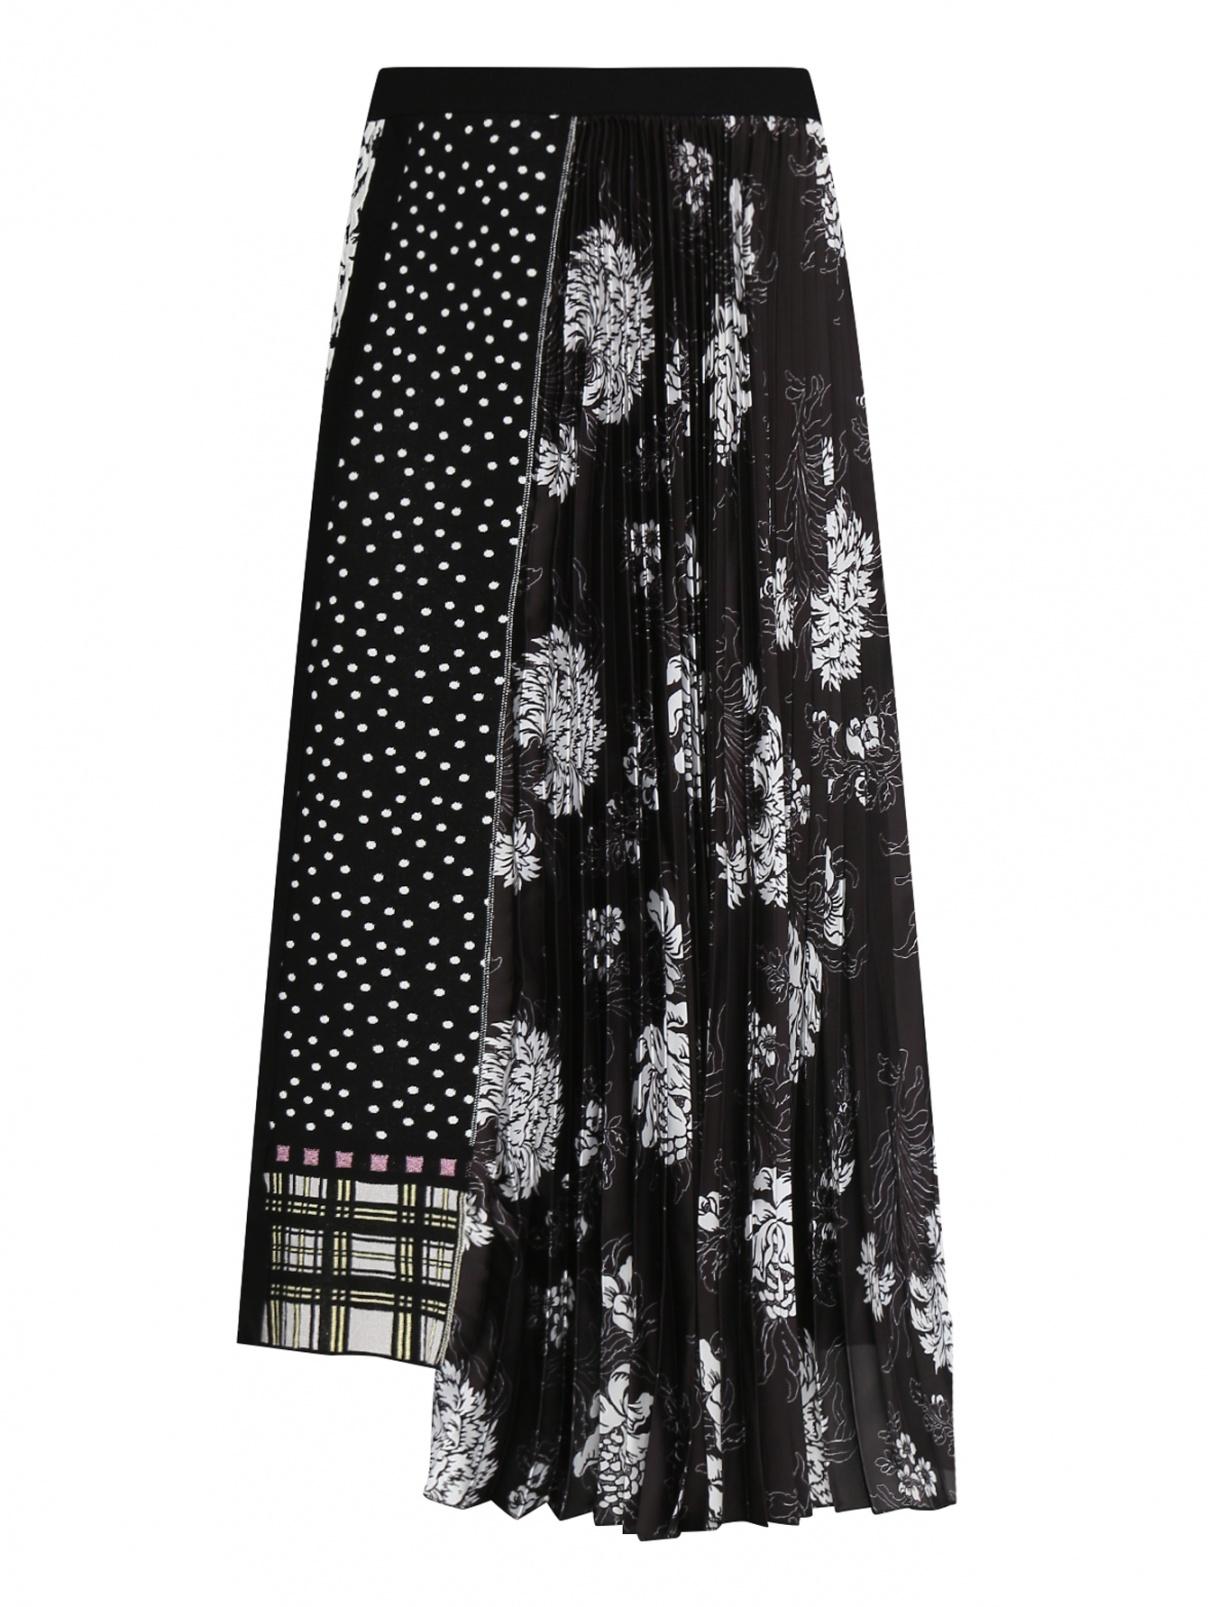 Трикотажная юбка асимметричного кроя с узором Antonio Marras  –  Общий вид